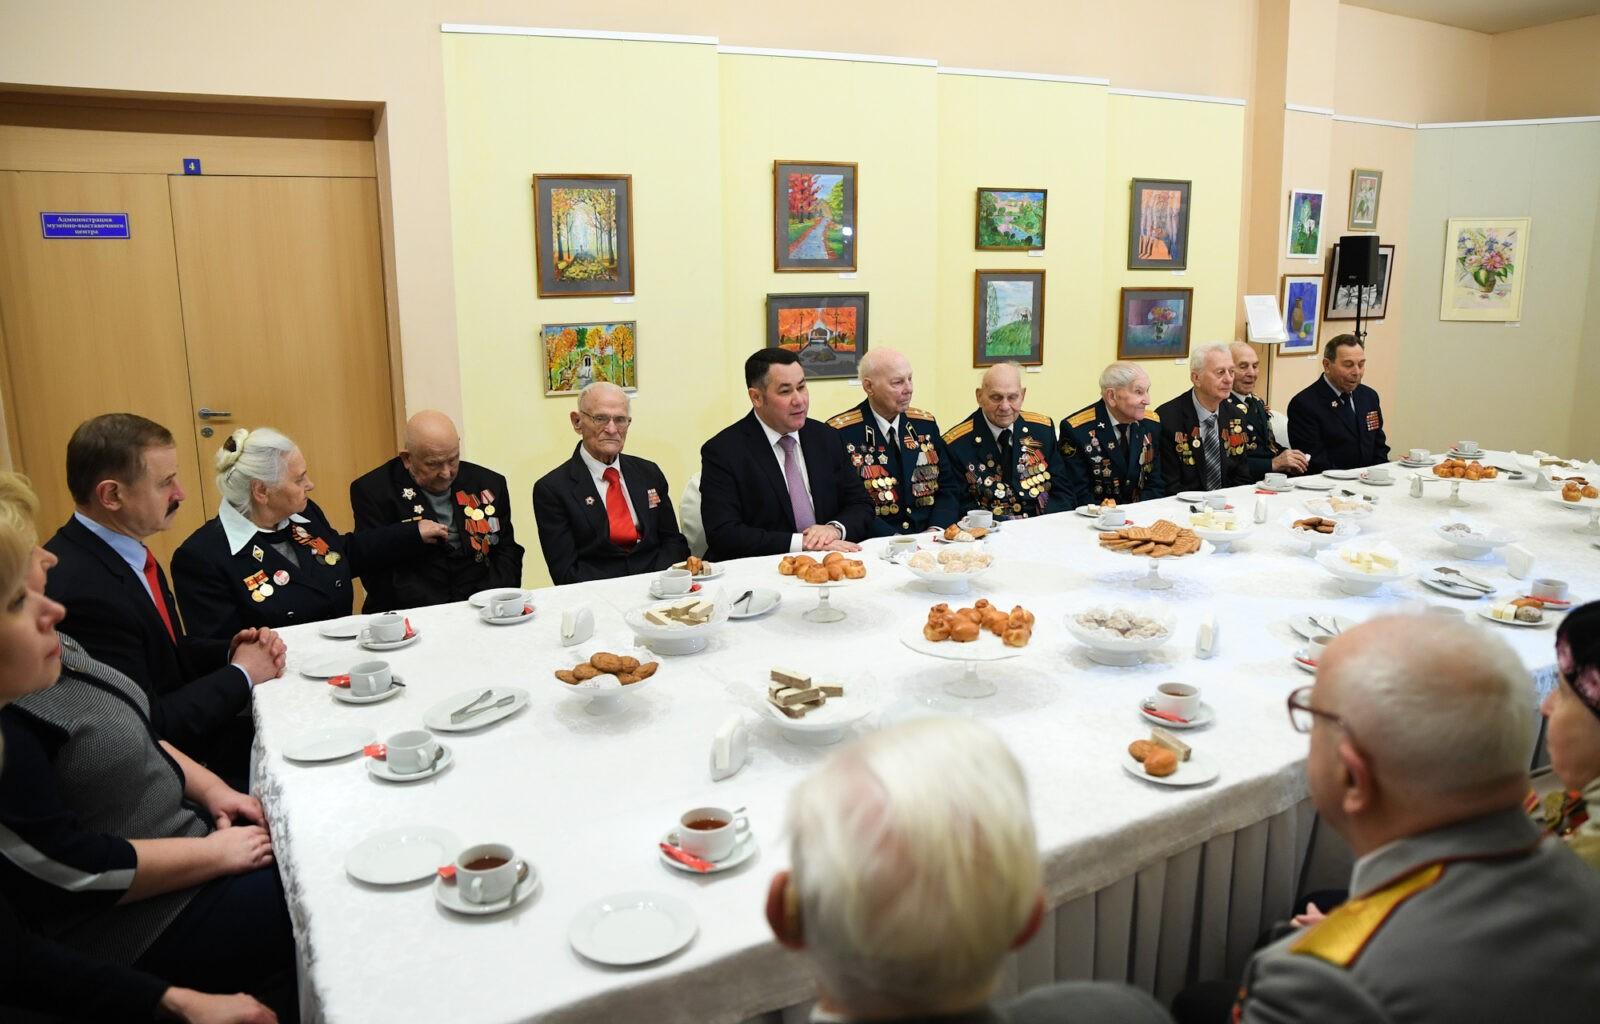 Игорь Руденя в 78-ю годовщину со дня освобождения Калинина от немецко-фашистских захватчиков встретился с ветеранами Великой Отечественной войны